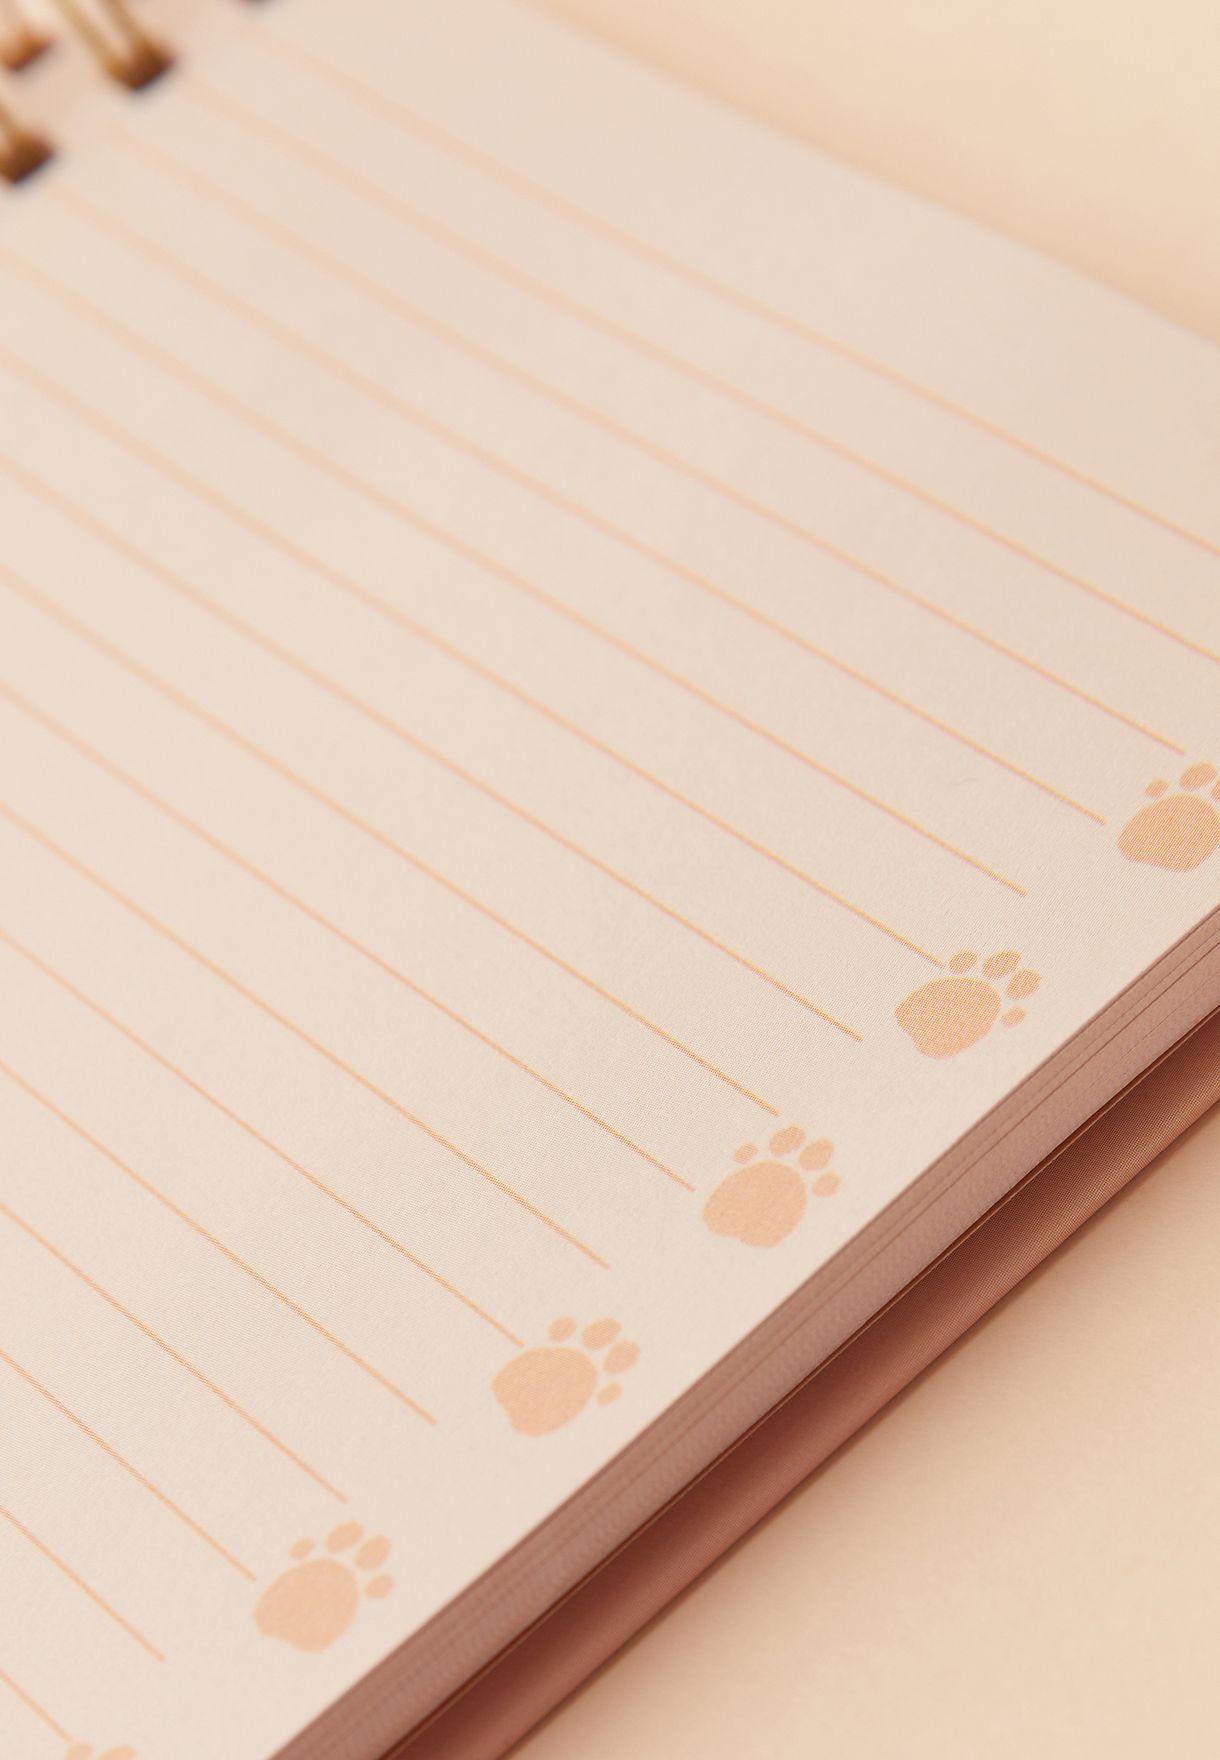 دفتر ملاحظات بطباعة قطة